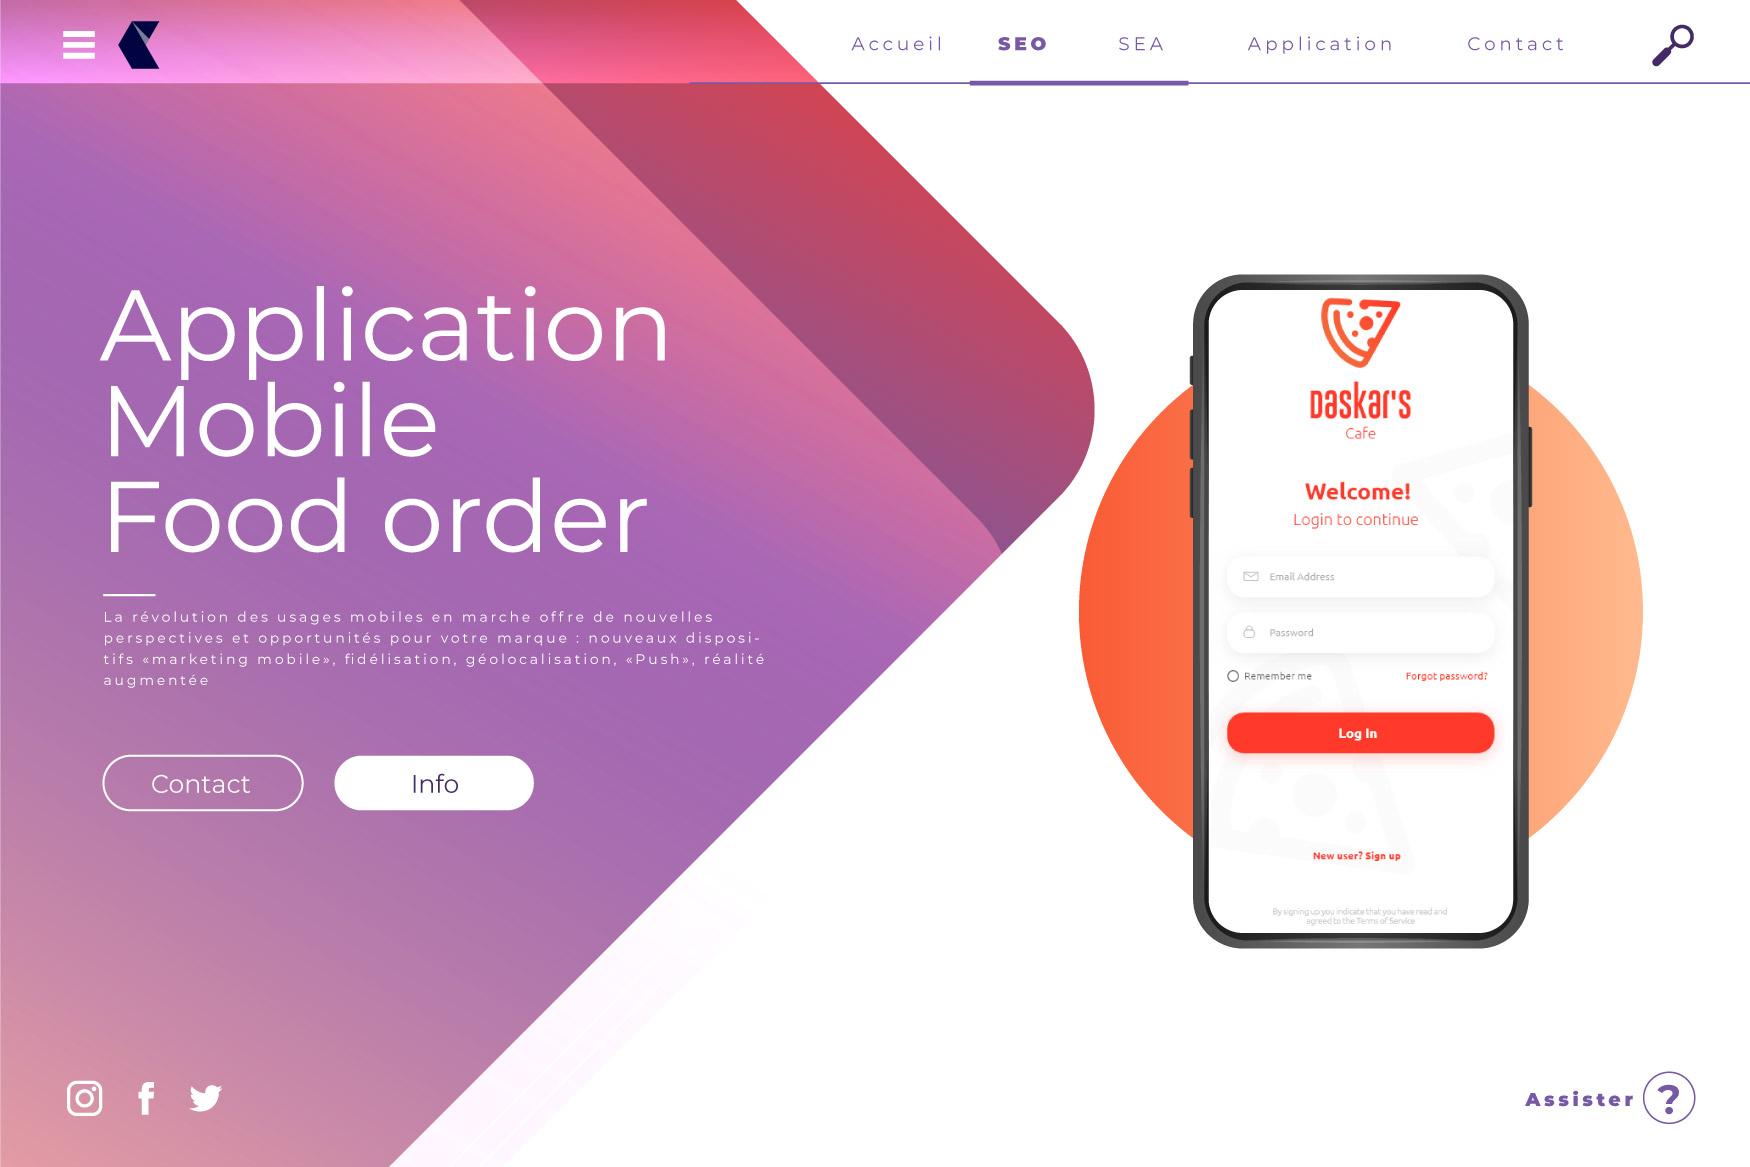 app3 creation application mobile et web icom communication digital maroc - Agence de Création Application Mobile et Web au Maroc